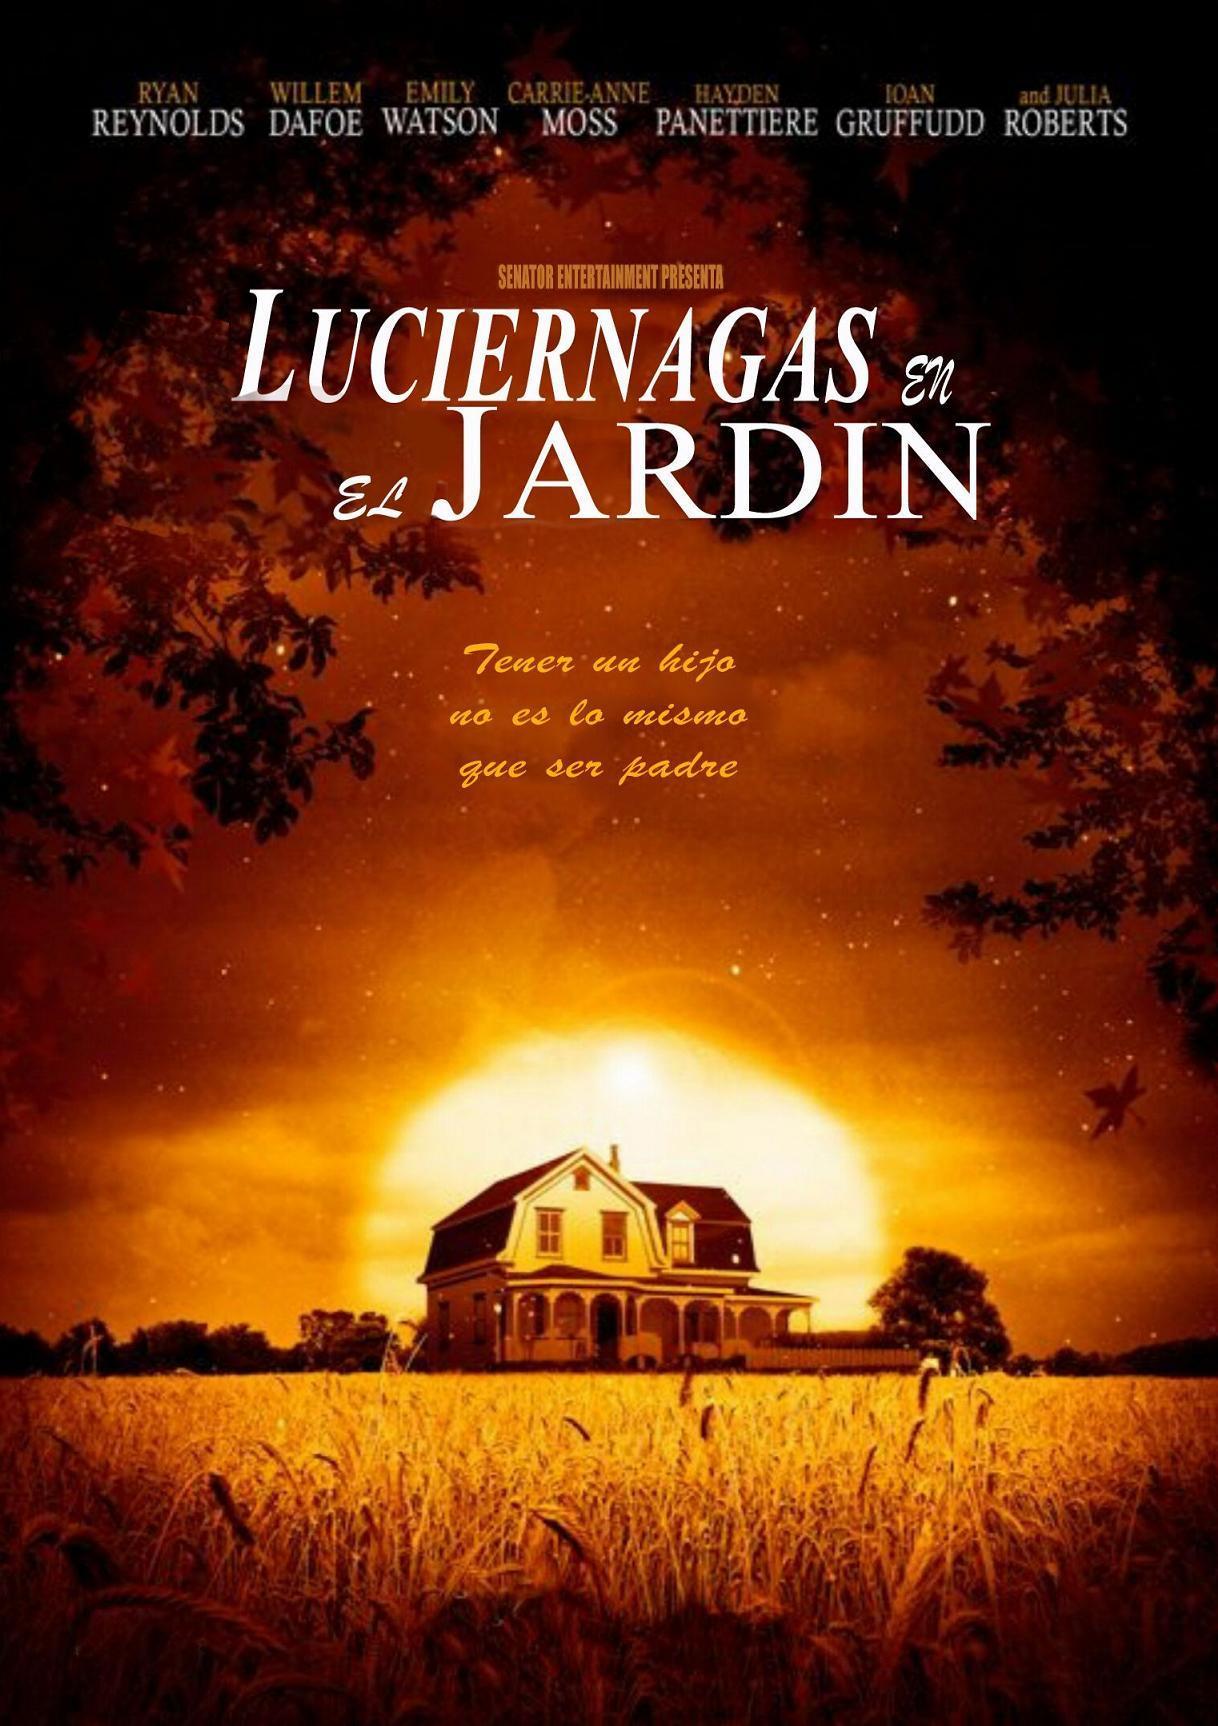 Luci rnagas en el jard n comentamos cine for Luciernagas en el jardin libro